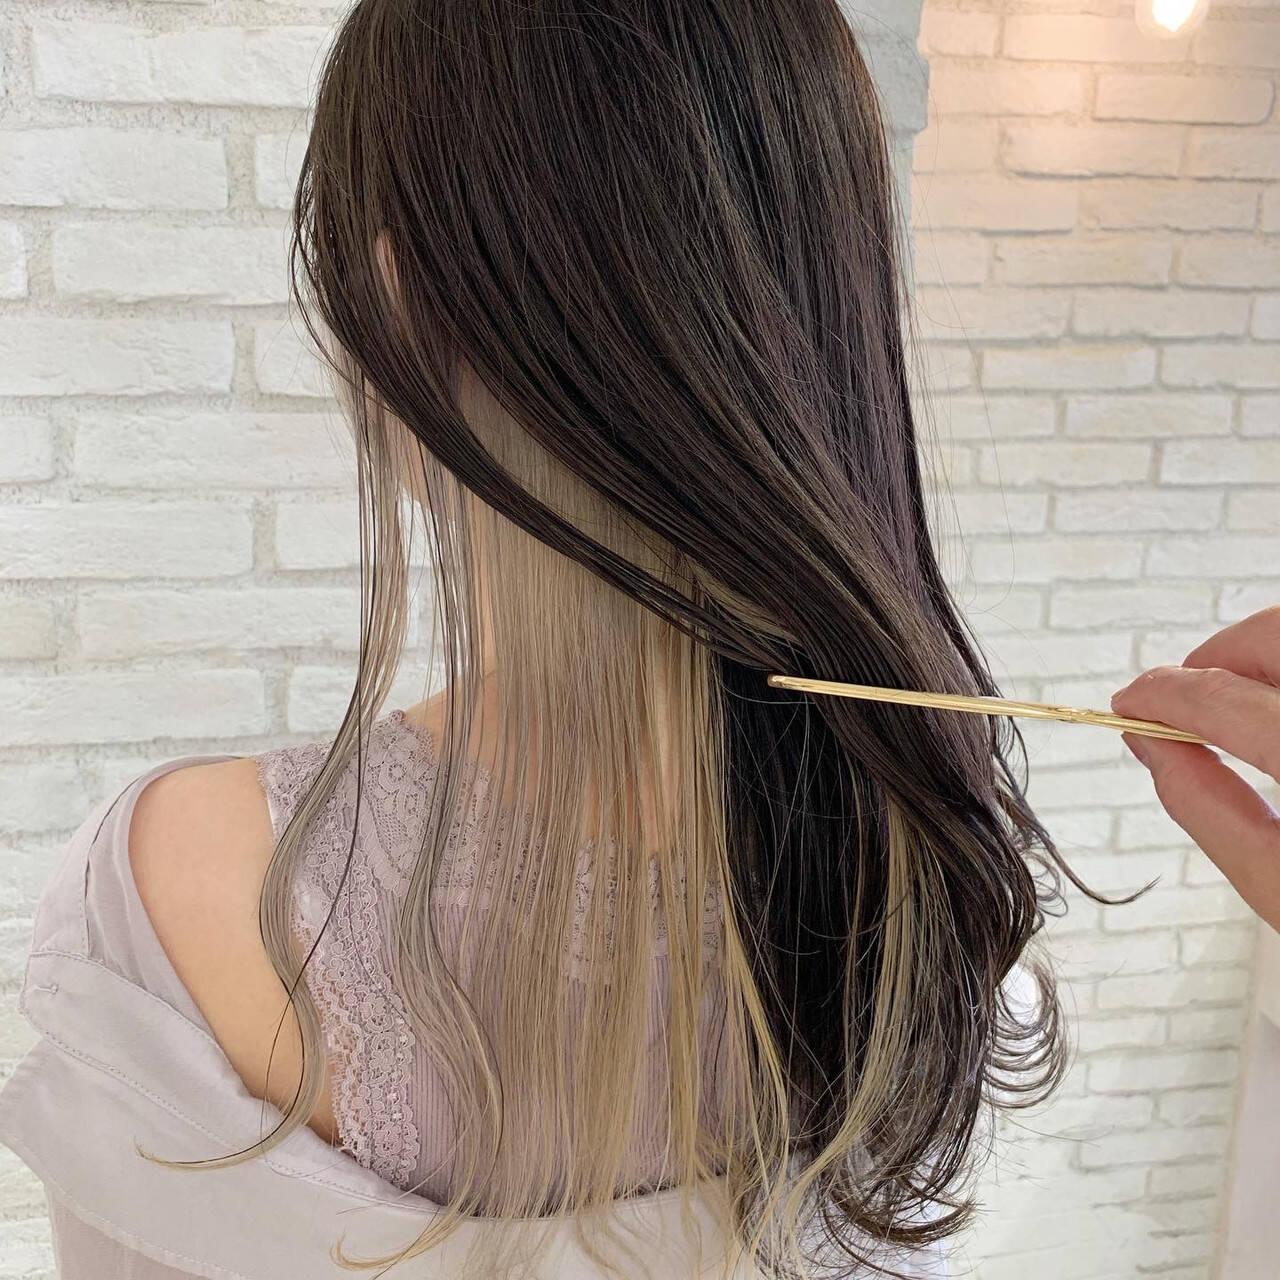 前髪インナーカラー ロング フェミニン インナーカラーグレージュヘアスタイルや髪型の写真・画像